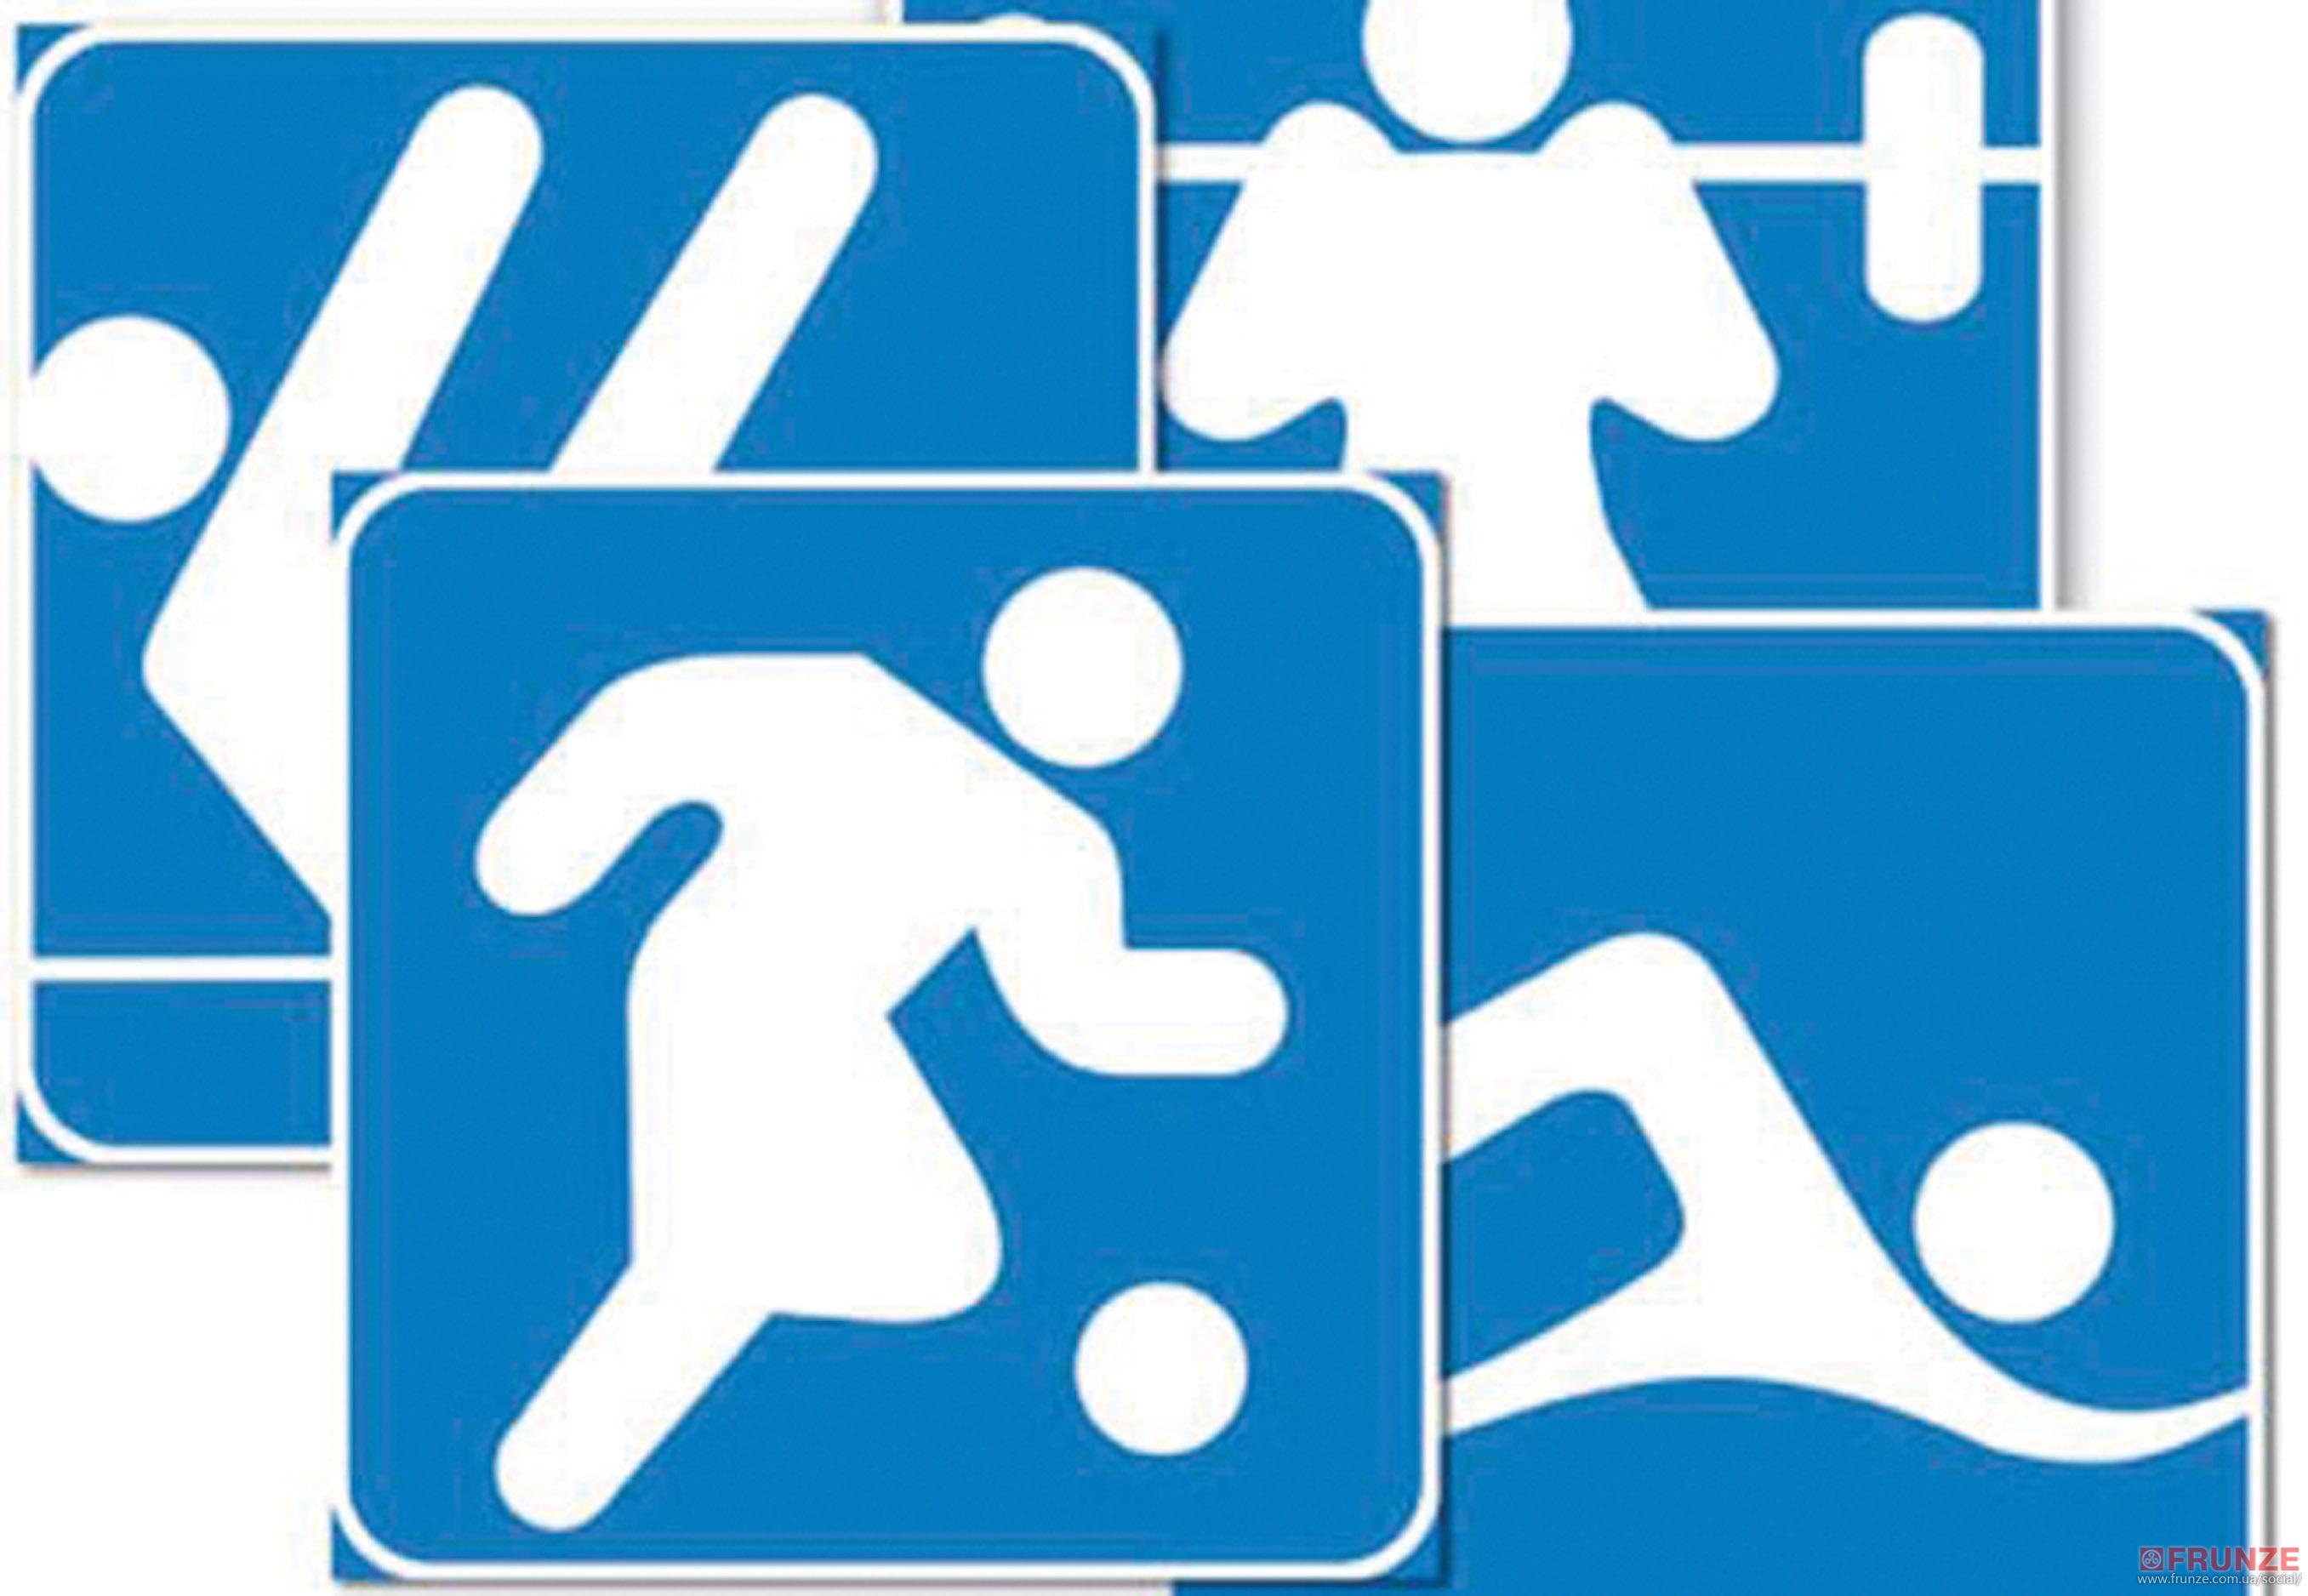 Полоцким чиновникам предстоит ежегодная сдача физкультурных нормативов